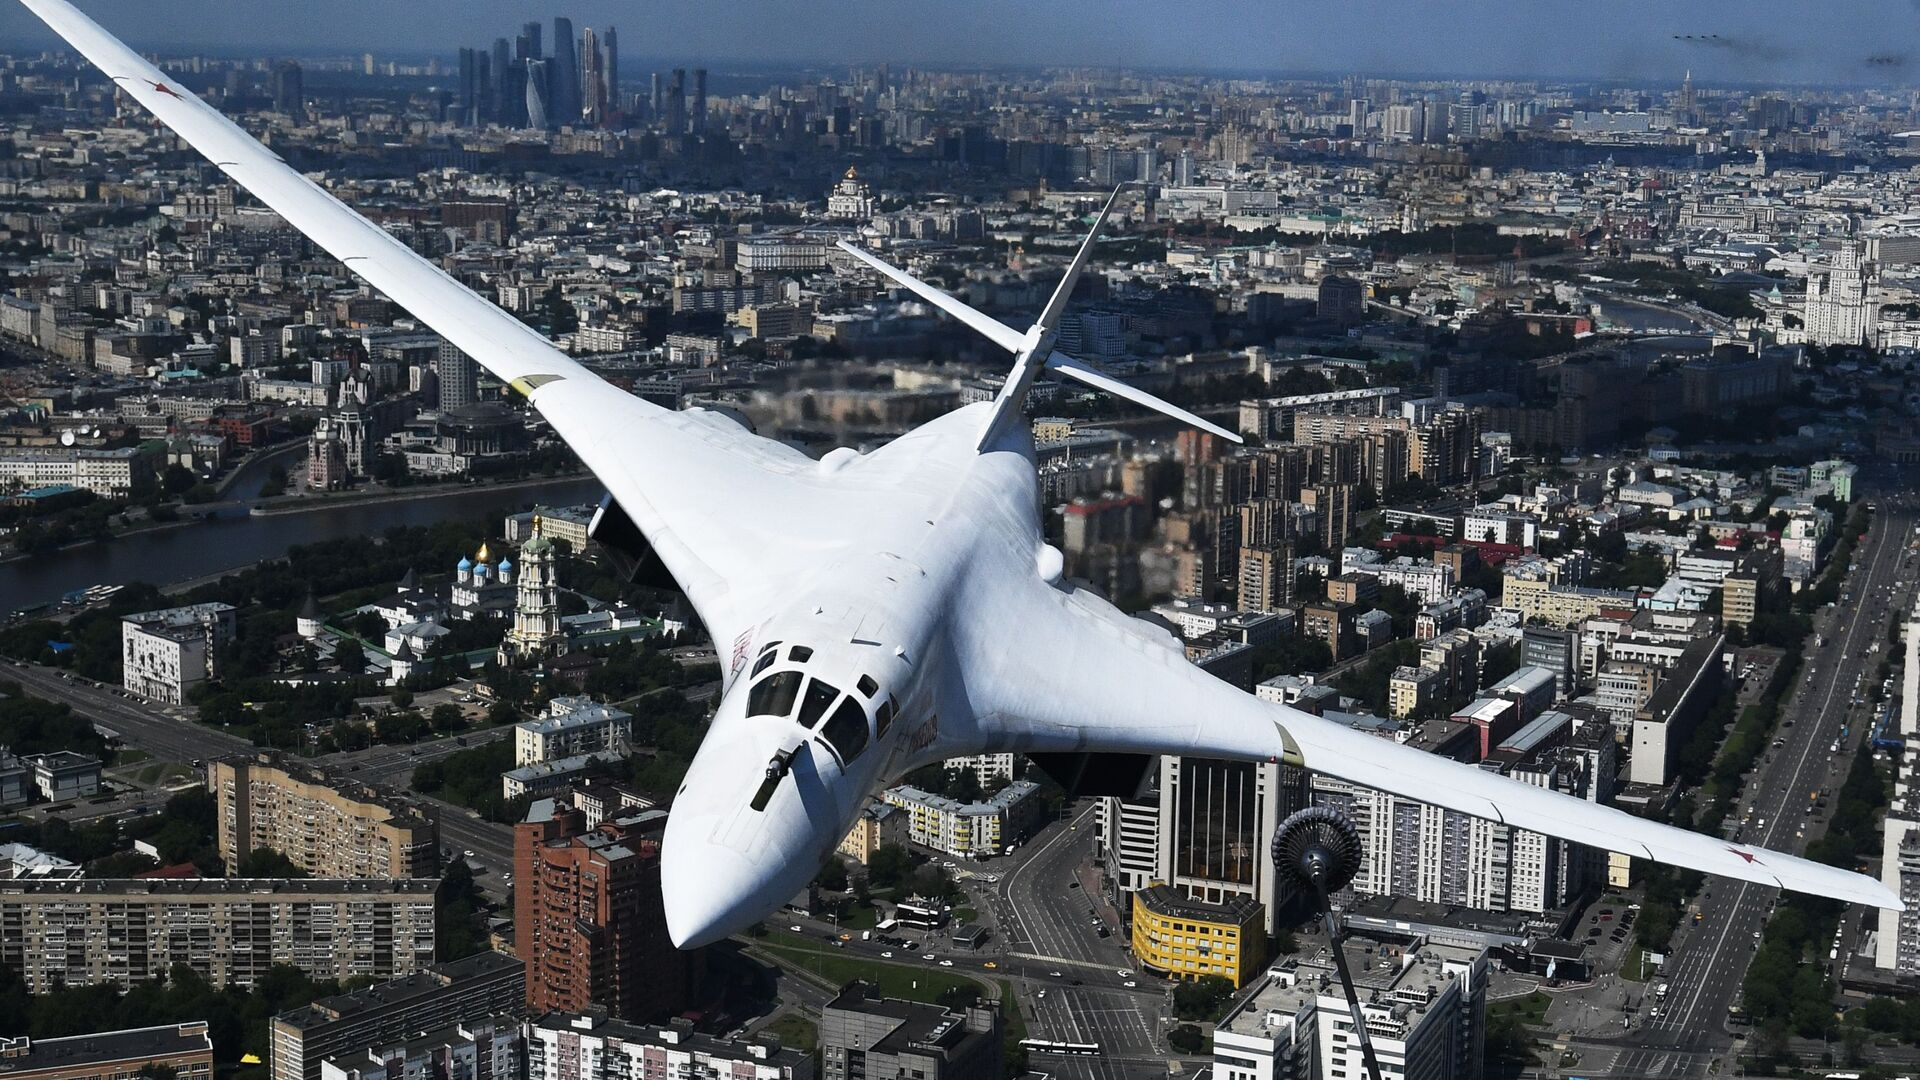 სტრატეგიული ბომბდამშენი Ту-160 აღლუმზე - Sputnik საქართველო, 1920, 07.08.2021